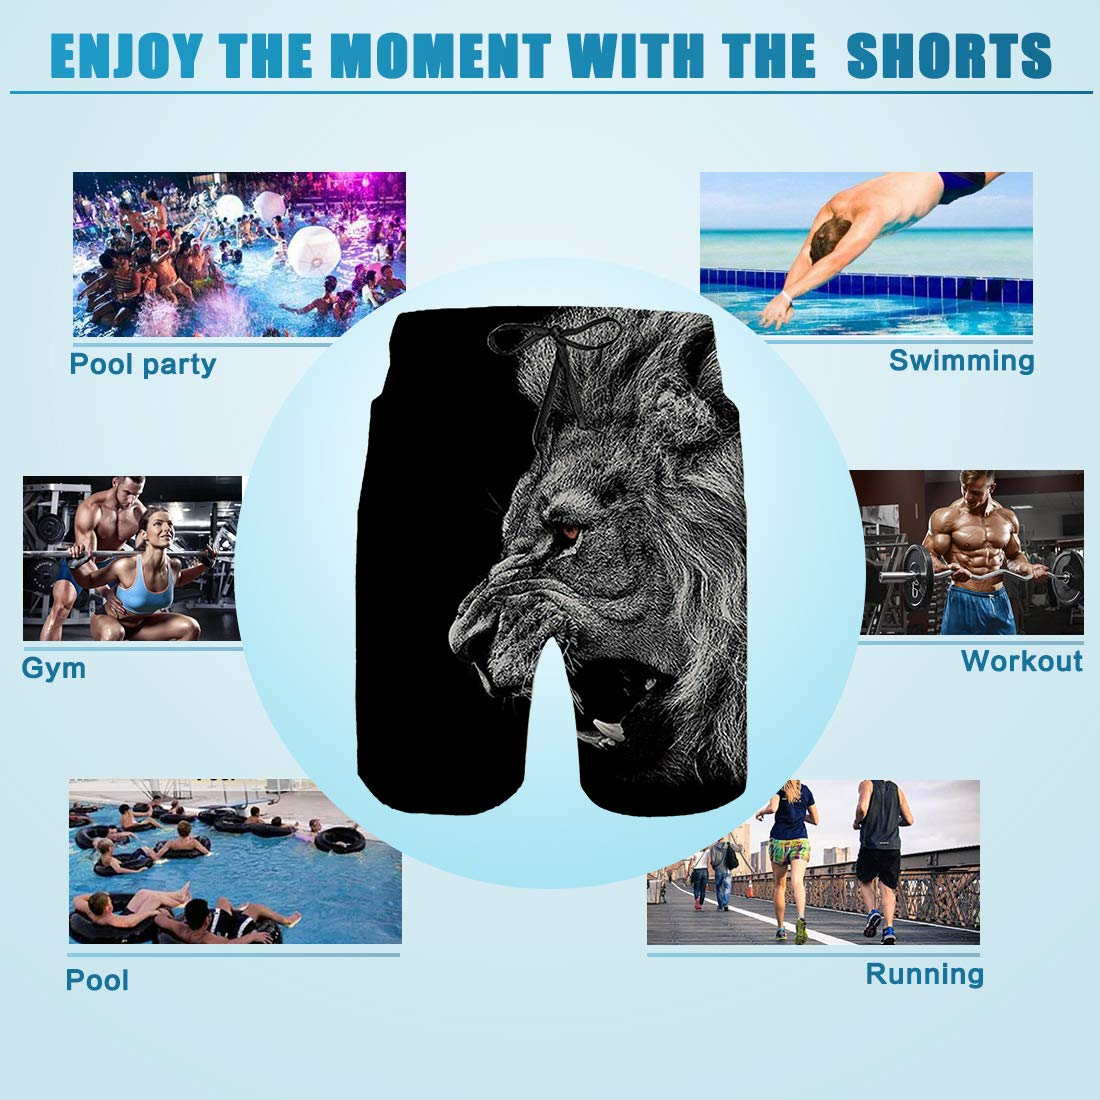 TUONROAD Maillot de Bain Homme 3D Print Ananas Chat Graphic Short de Bains Plage S/échage Rapide Summer Short de Plage Surf Beach Shorts avec Cordon R/églable /Élastique avec Doublure en Maille S-XXL